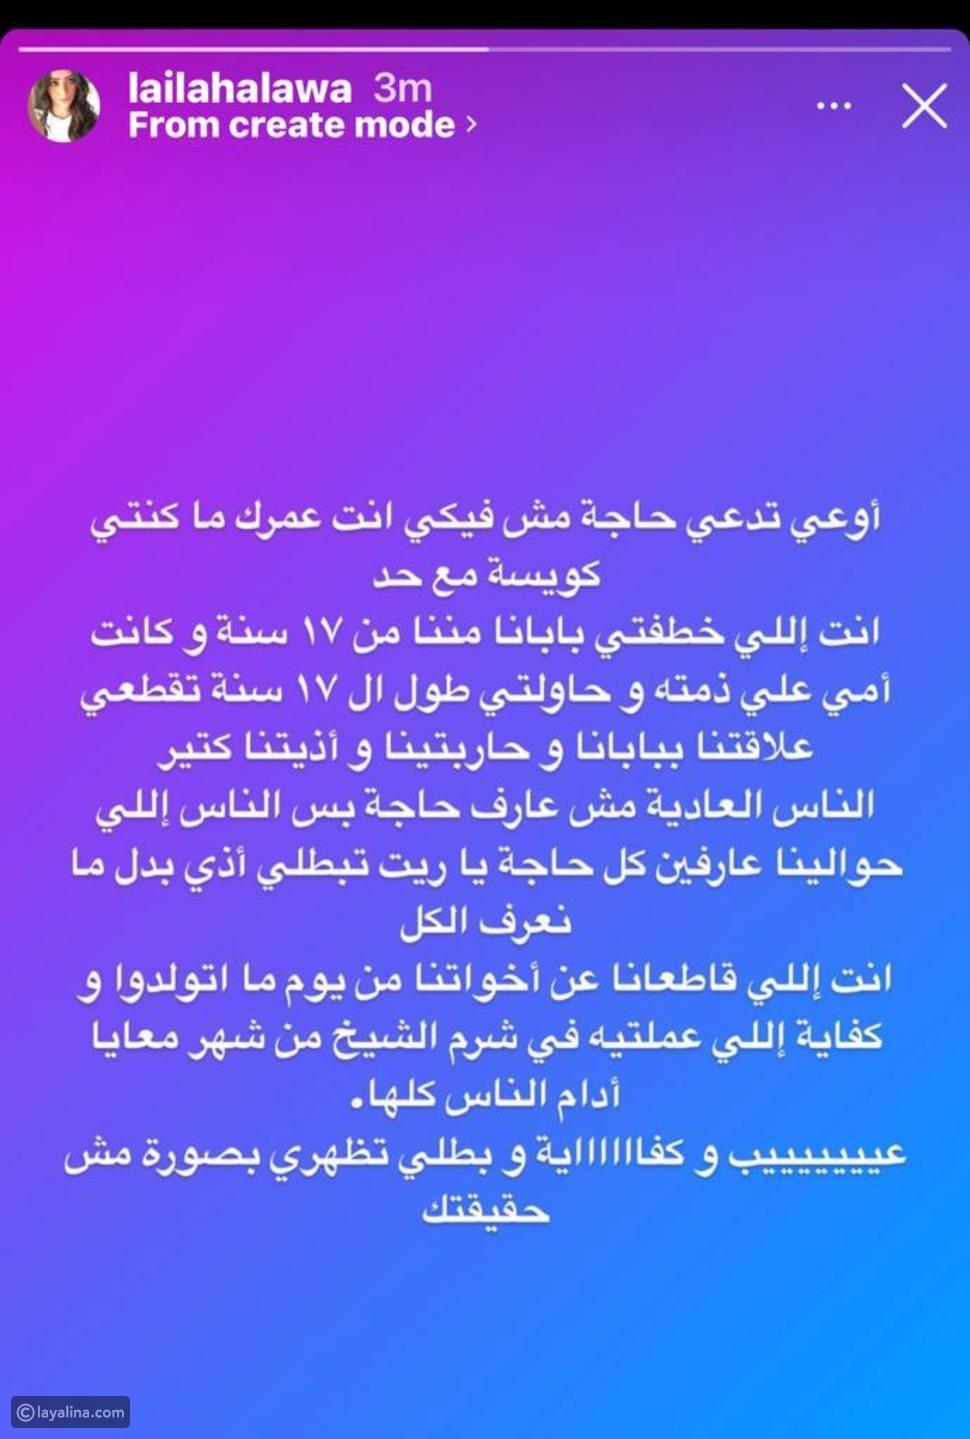 بعد اتهام ياسمين عبد العزيز بخطف والدهم: هؤلاء هم أبناء محمد حلاوة